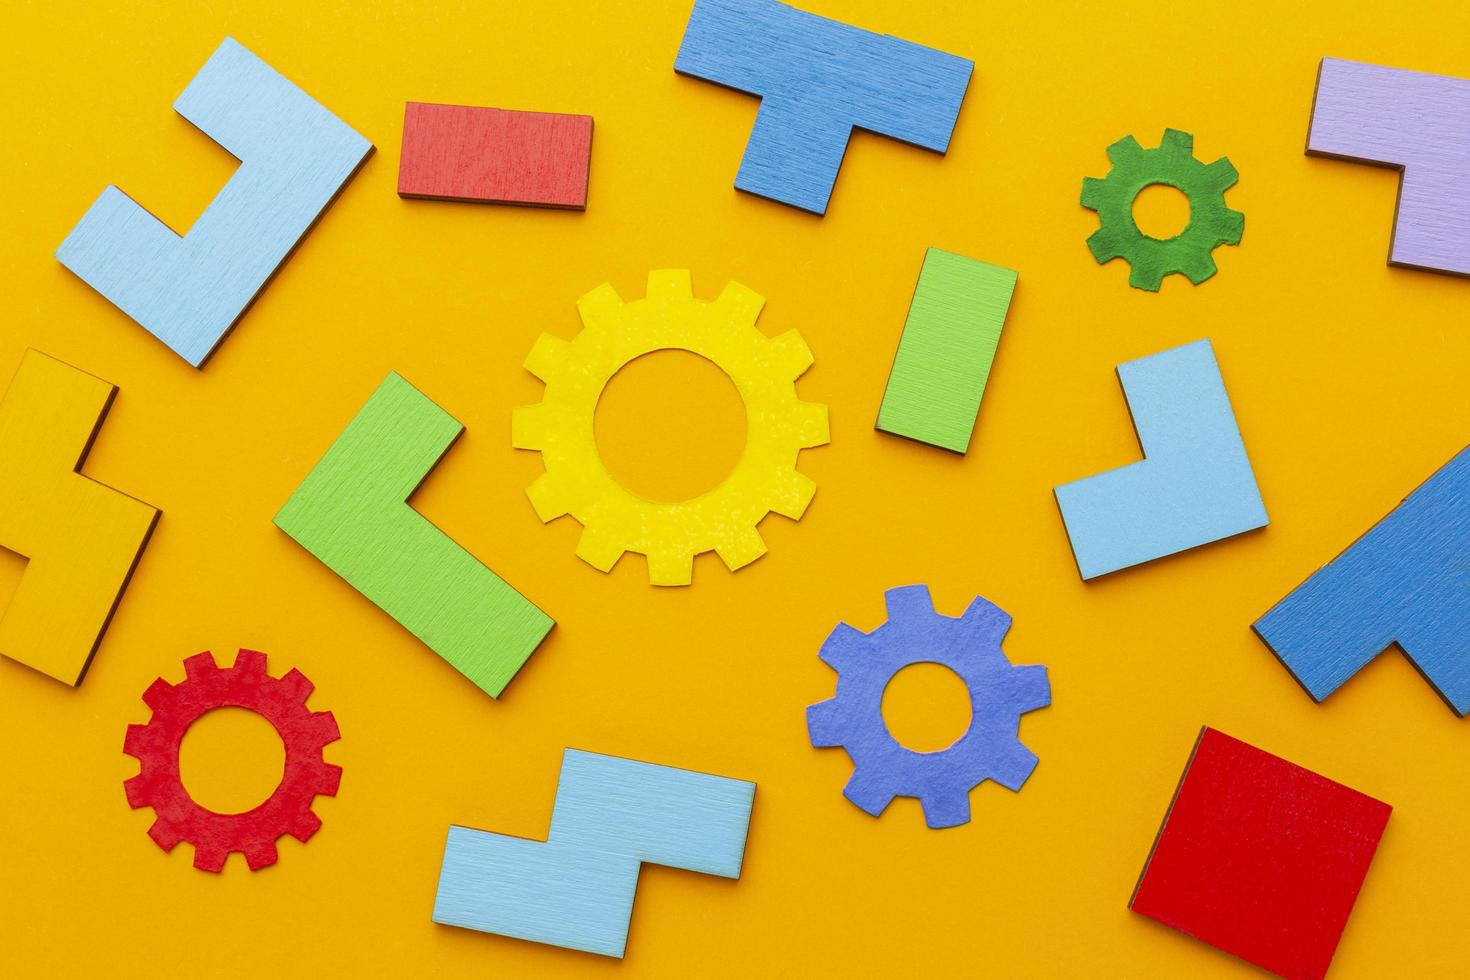 formes et pièces de puzzle photo